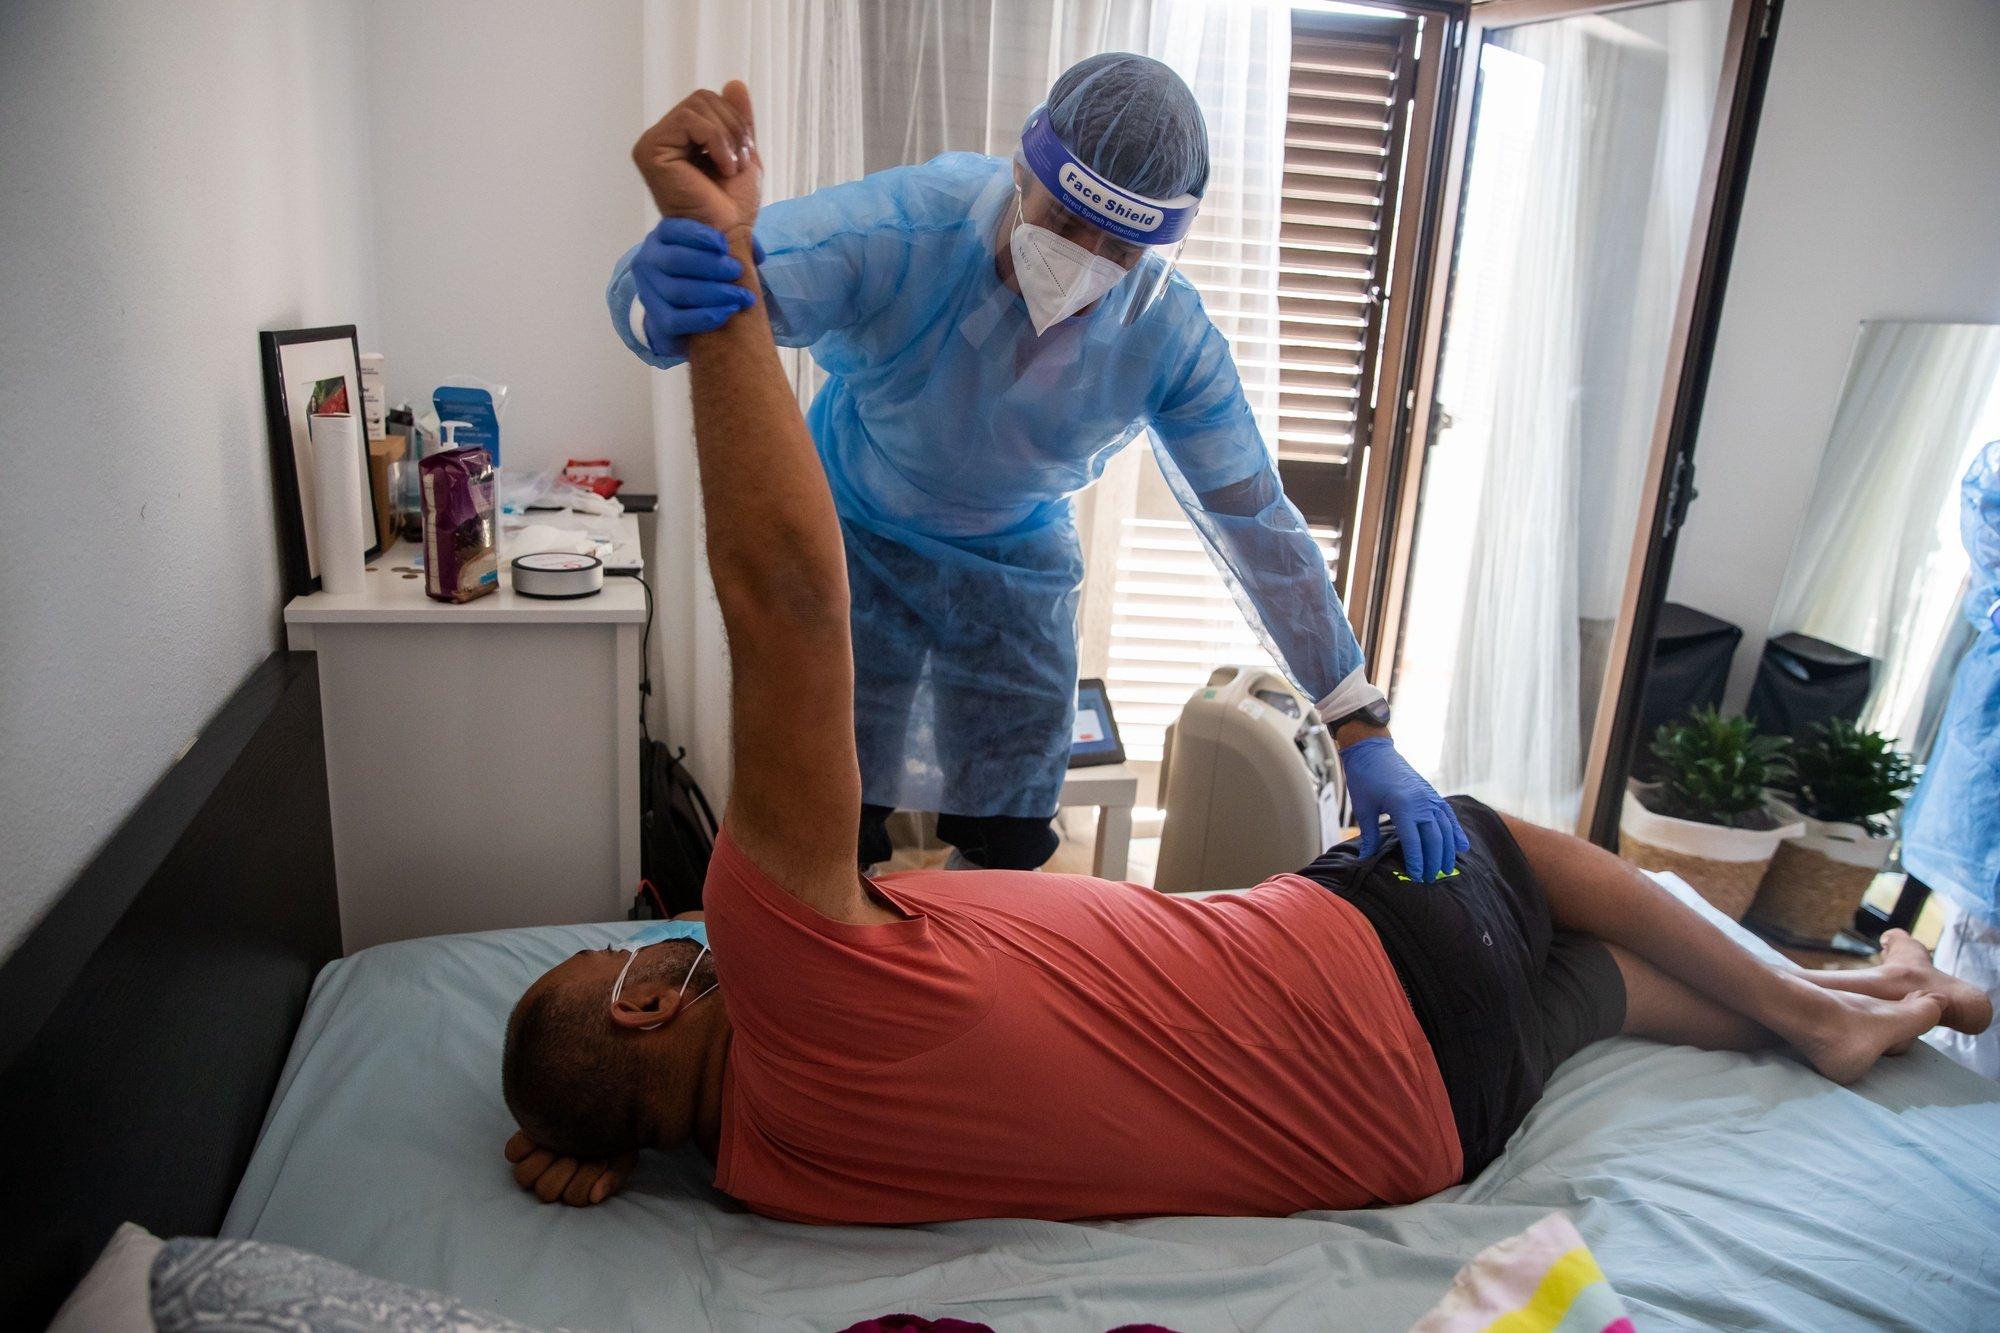 O enfermeiro da Unidade de Hospitalização Domiciliária do Hospital Garcia de Orta, Filipe Dias, ensina exercícios respiratórios a Jair, um paciente internado em casa com Covid-19, na zona do Seixal, 21 de julho de 2021. JOSÉ SENA GOULÃO/LUSA (ACOMPANHA TEXTO DE 24/07/2021)